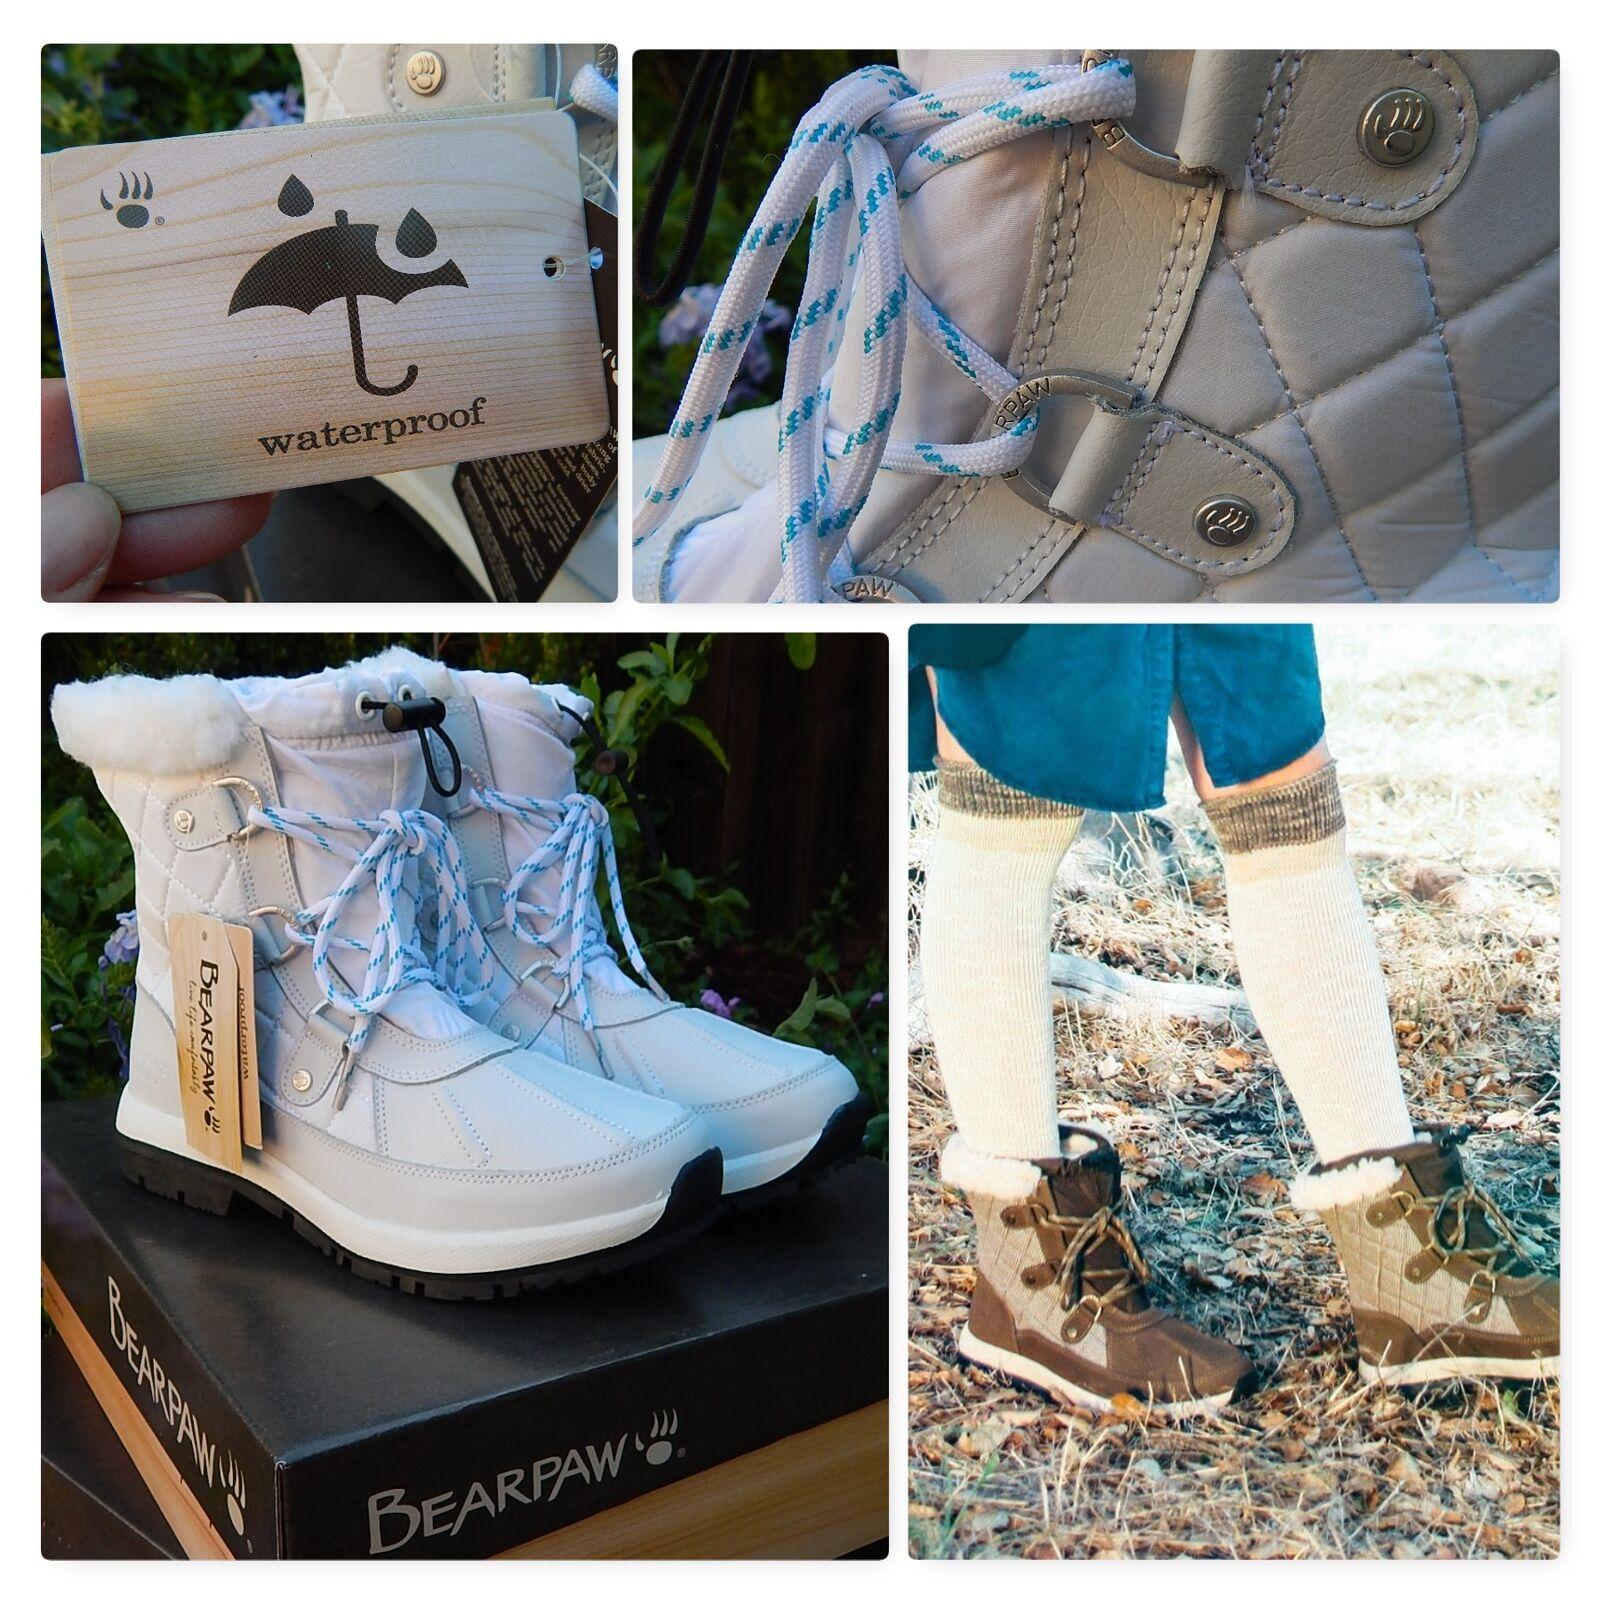 Nuevo En Caja blancoo Sumergible botas De De De Nieve  Bearpaw Bethany  lluvia de Piel de Oveja Piel  Talla 7,8,9  centro comercial de moda